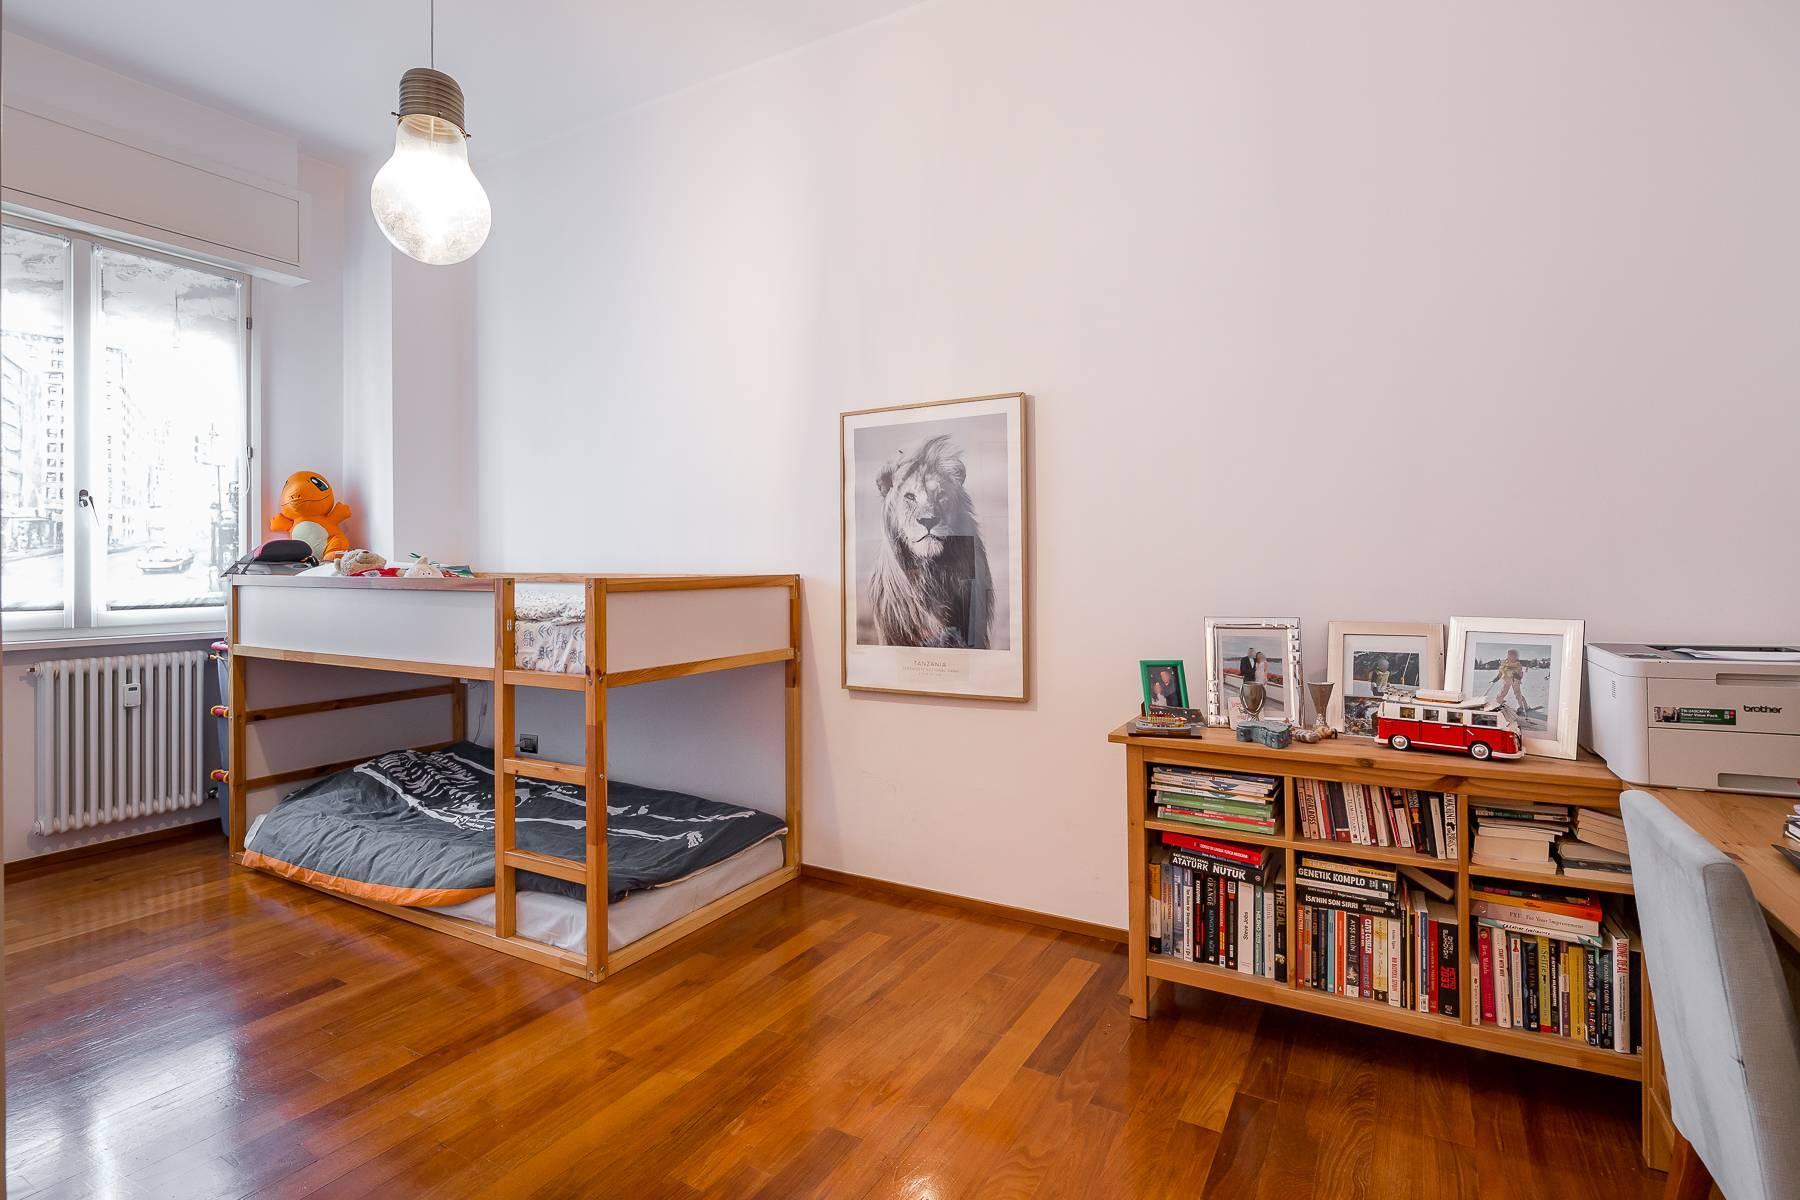 Renovierte Wohnung im Stadtviertel Ticinese/Darsena - 18